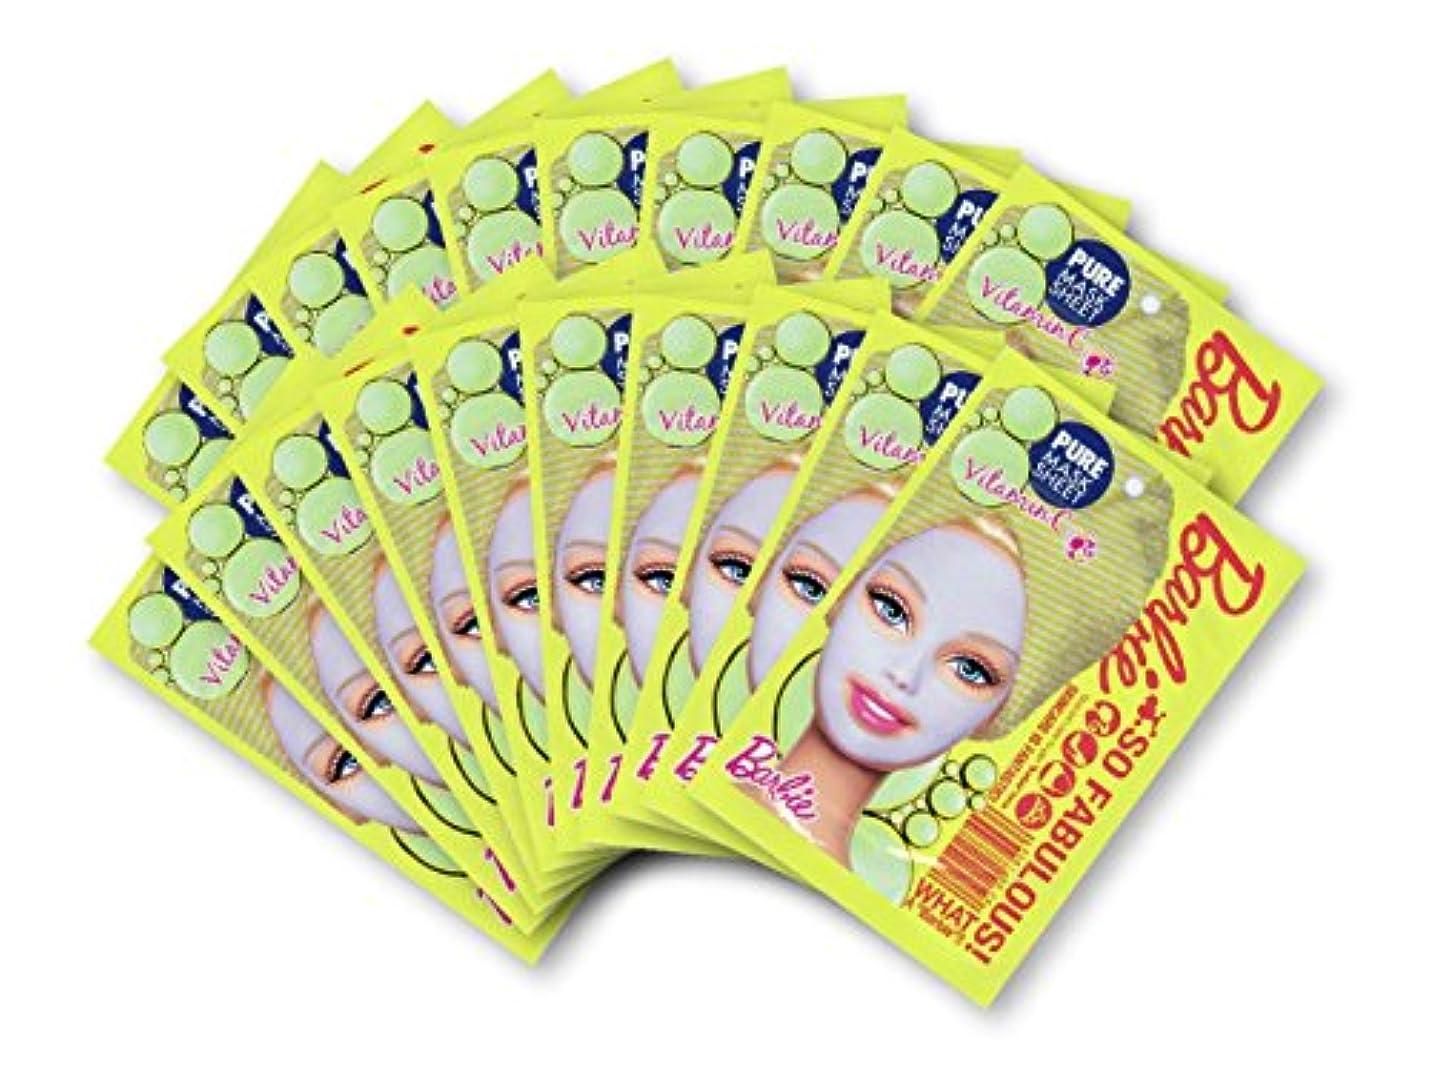 簡略化する欠員学期バービー (Barbie) フェイスマスク ピュアマスクシートN (ビタミンC) 25ml×20枚入り [透明感] 顔 シートマスク フェイスパック